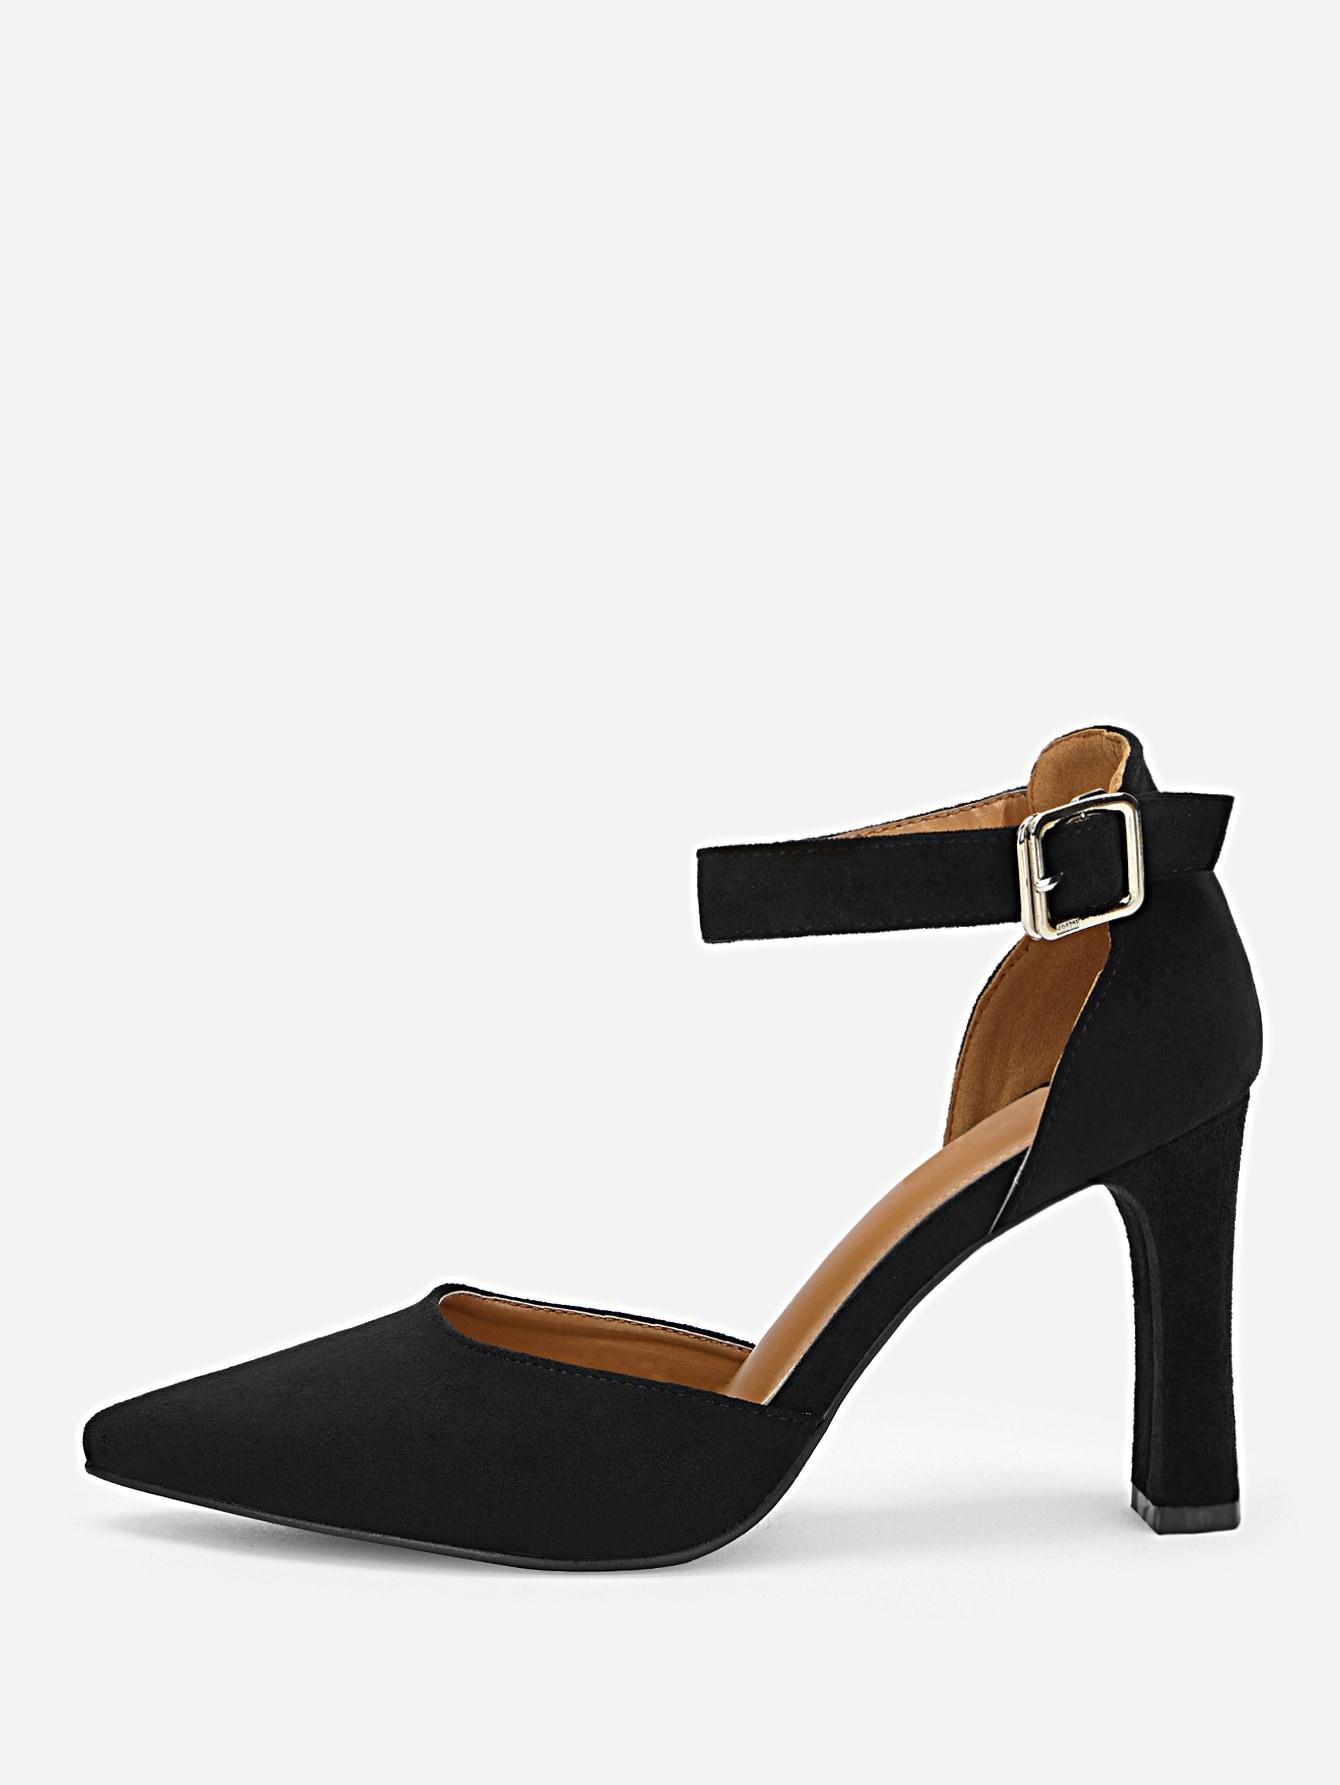 Сапоги на высоких каблуках с открытым носким и лентой лодыжки, null, SheIn  - купить со скидкой